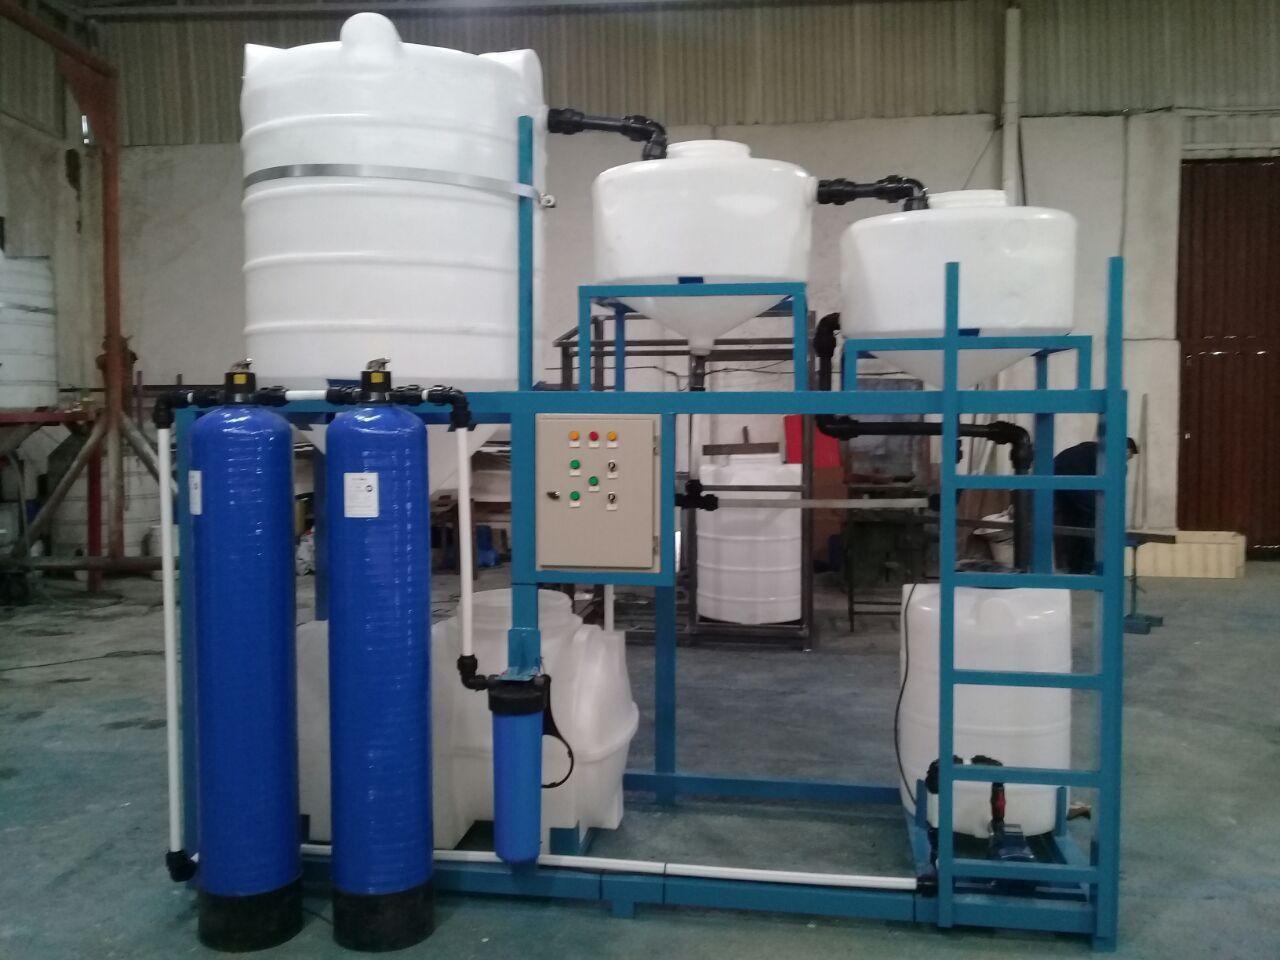 تصفیه آب قالیشویی به روش بیولوژیک هوازی چگونه است؟